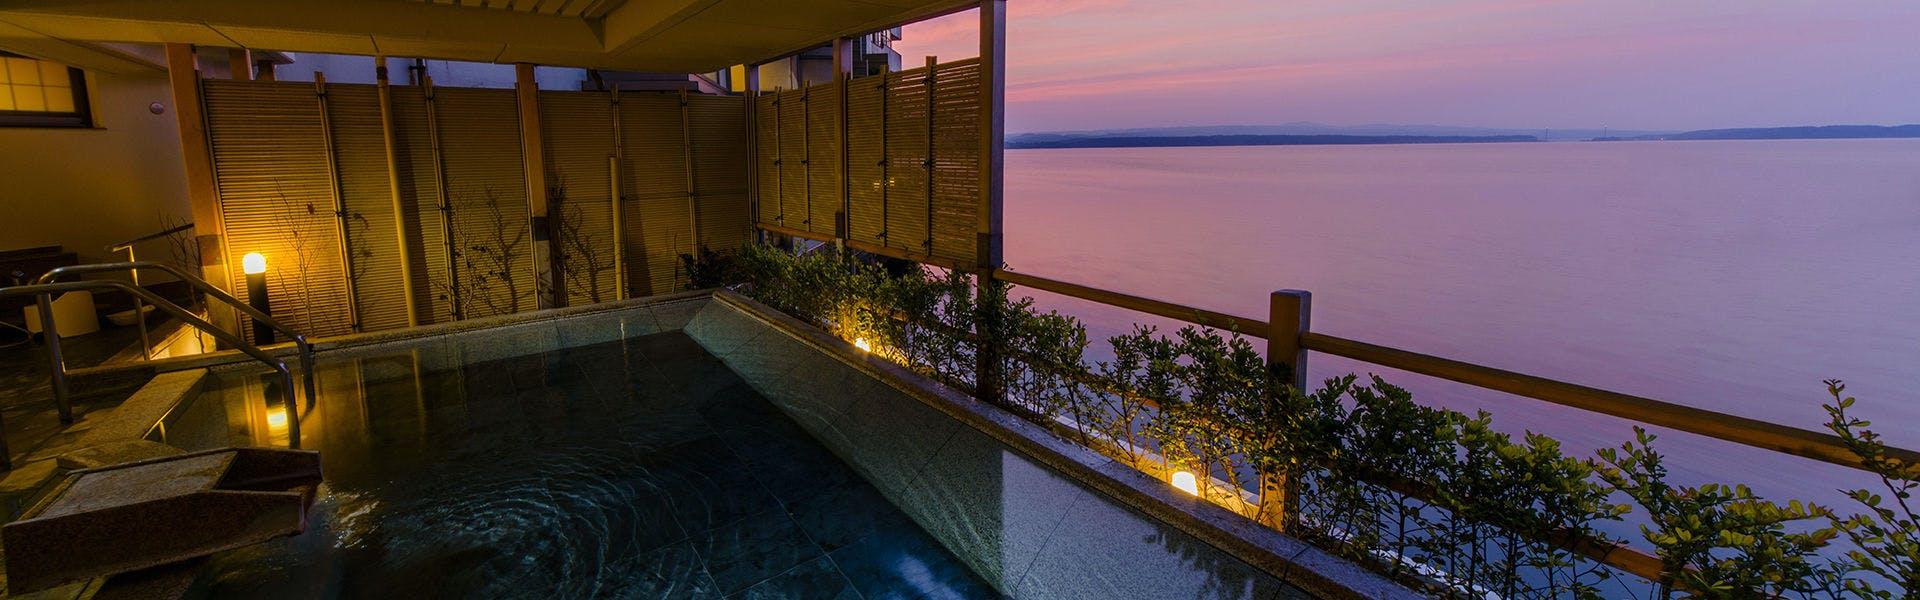 記念日におすすめのホテル・和倉温泉 加賀屋の写真2